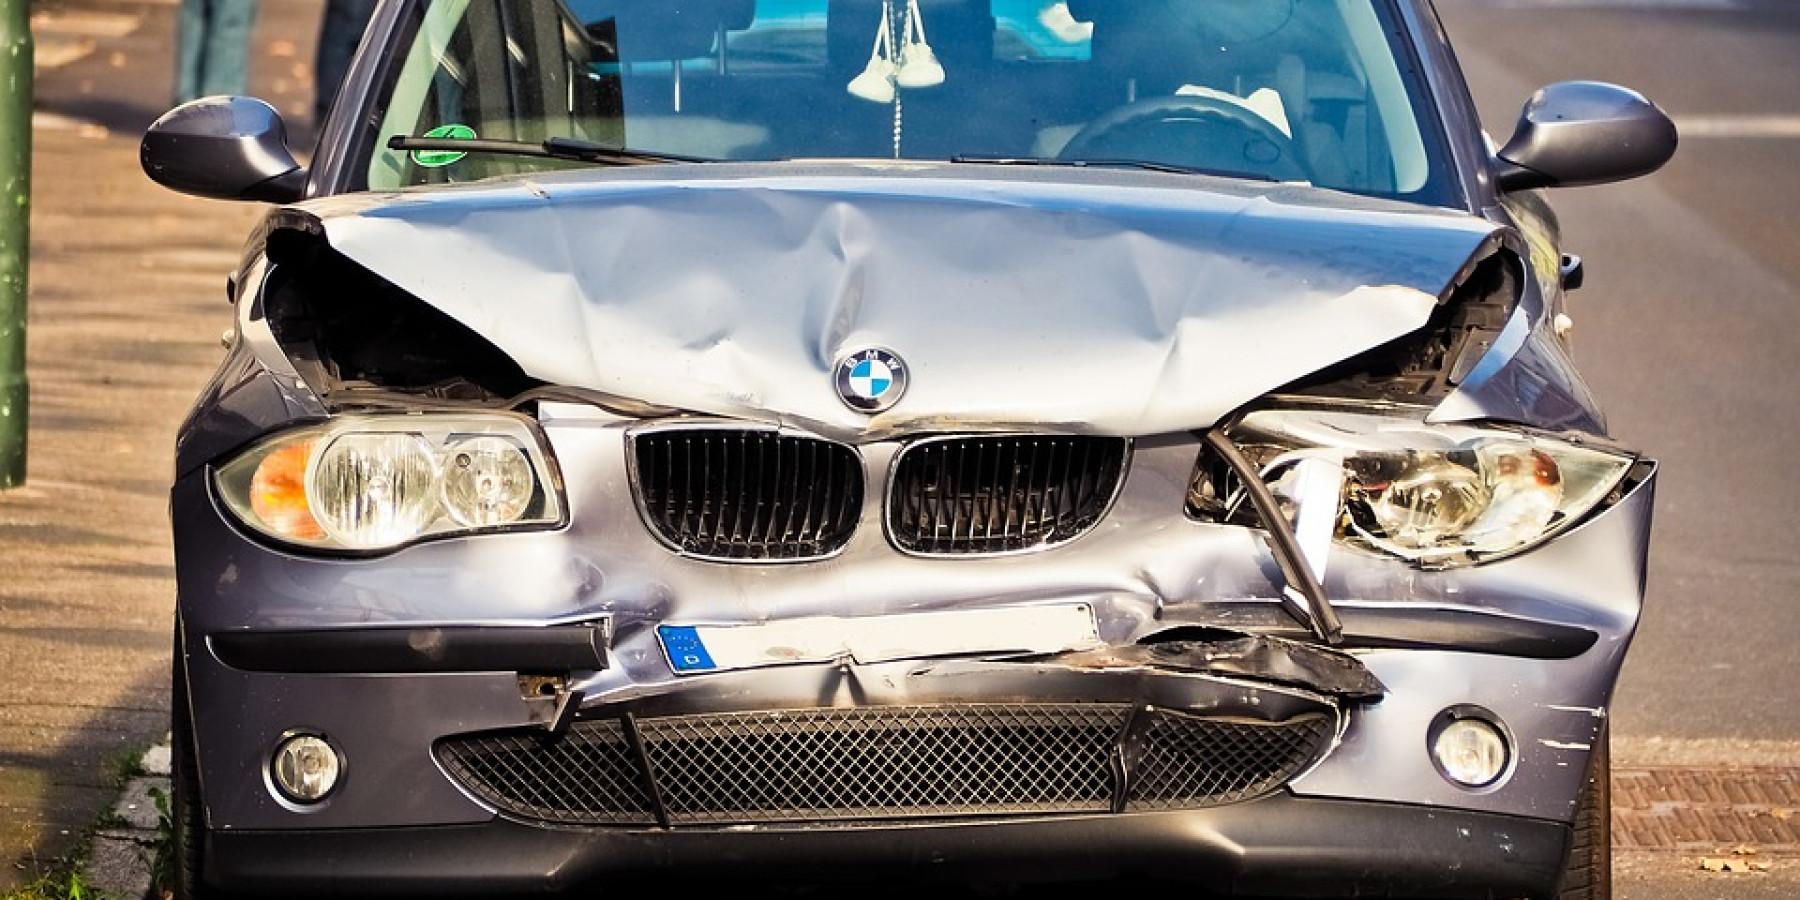 Flüchtig nach Verkehrsunfall mit hohem Sachschaden